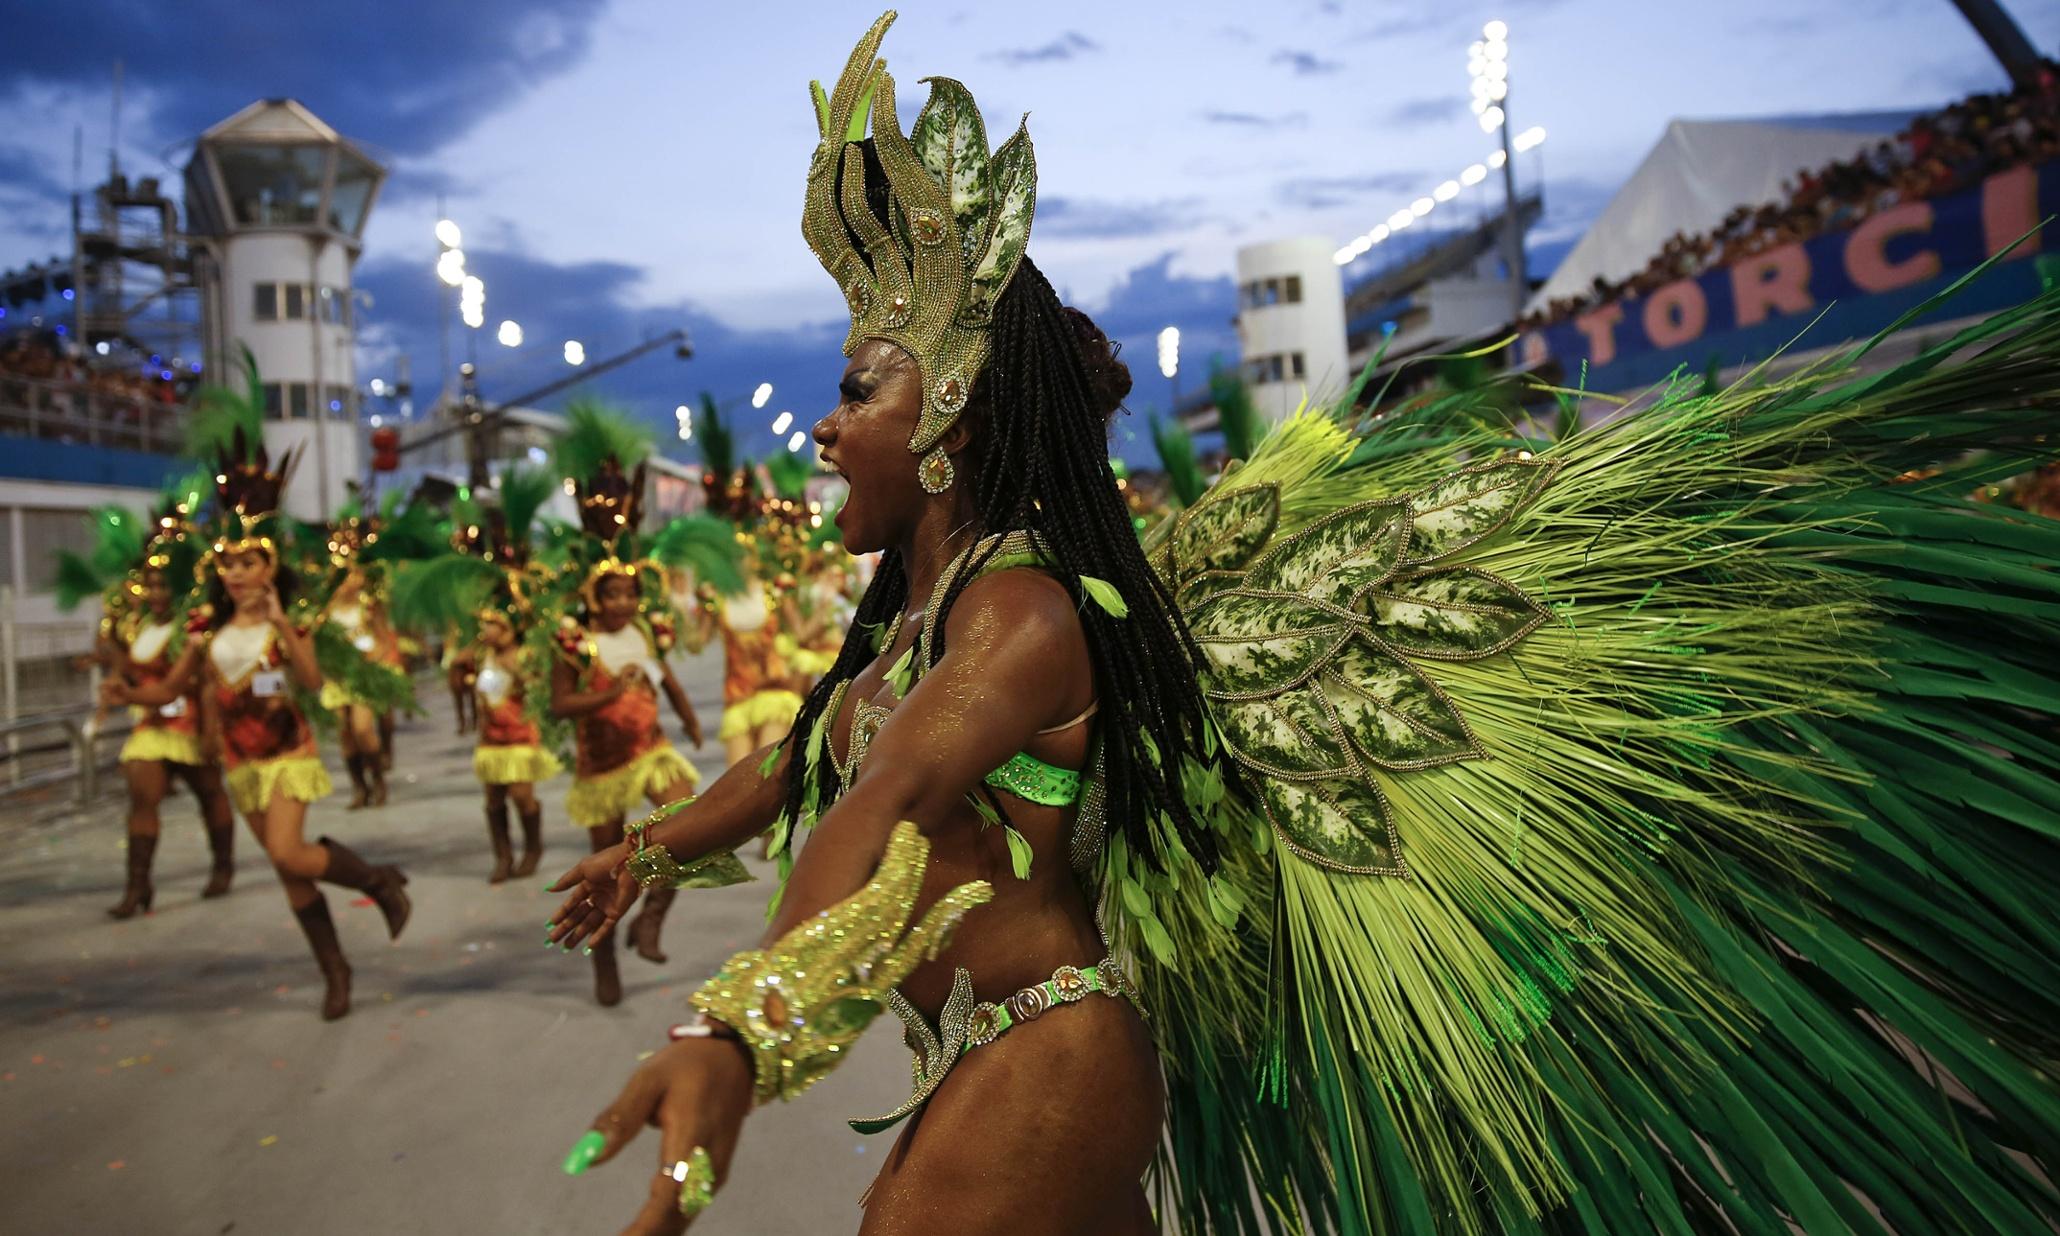 насилует фестиваль трансвеститов в бразилии надо набраться сил